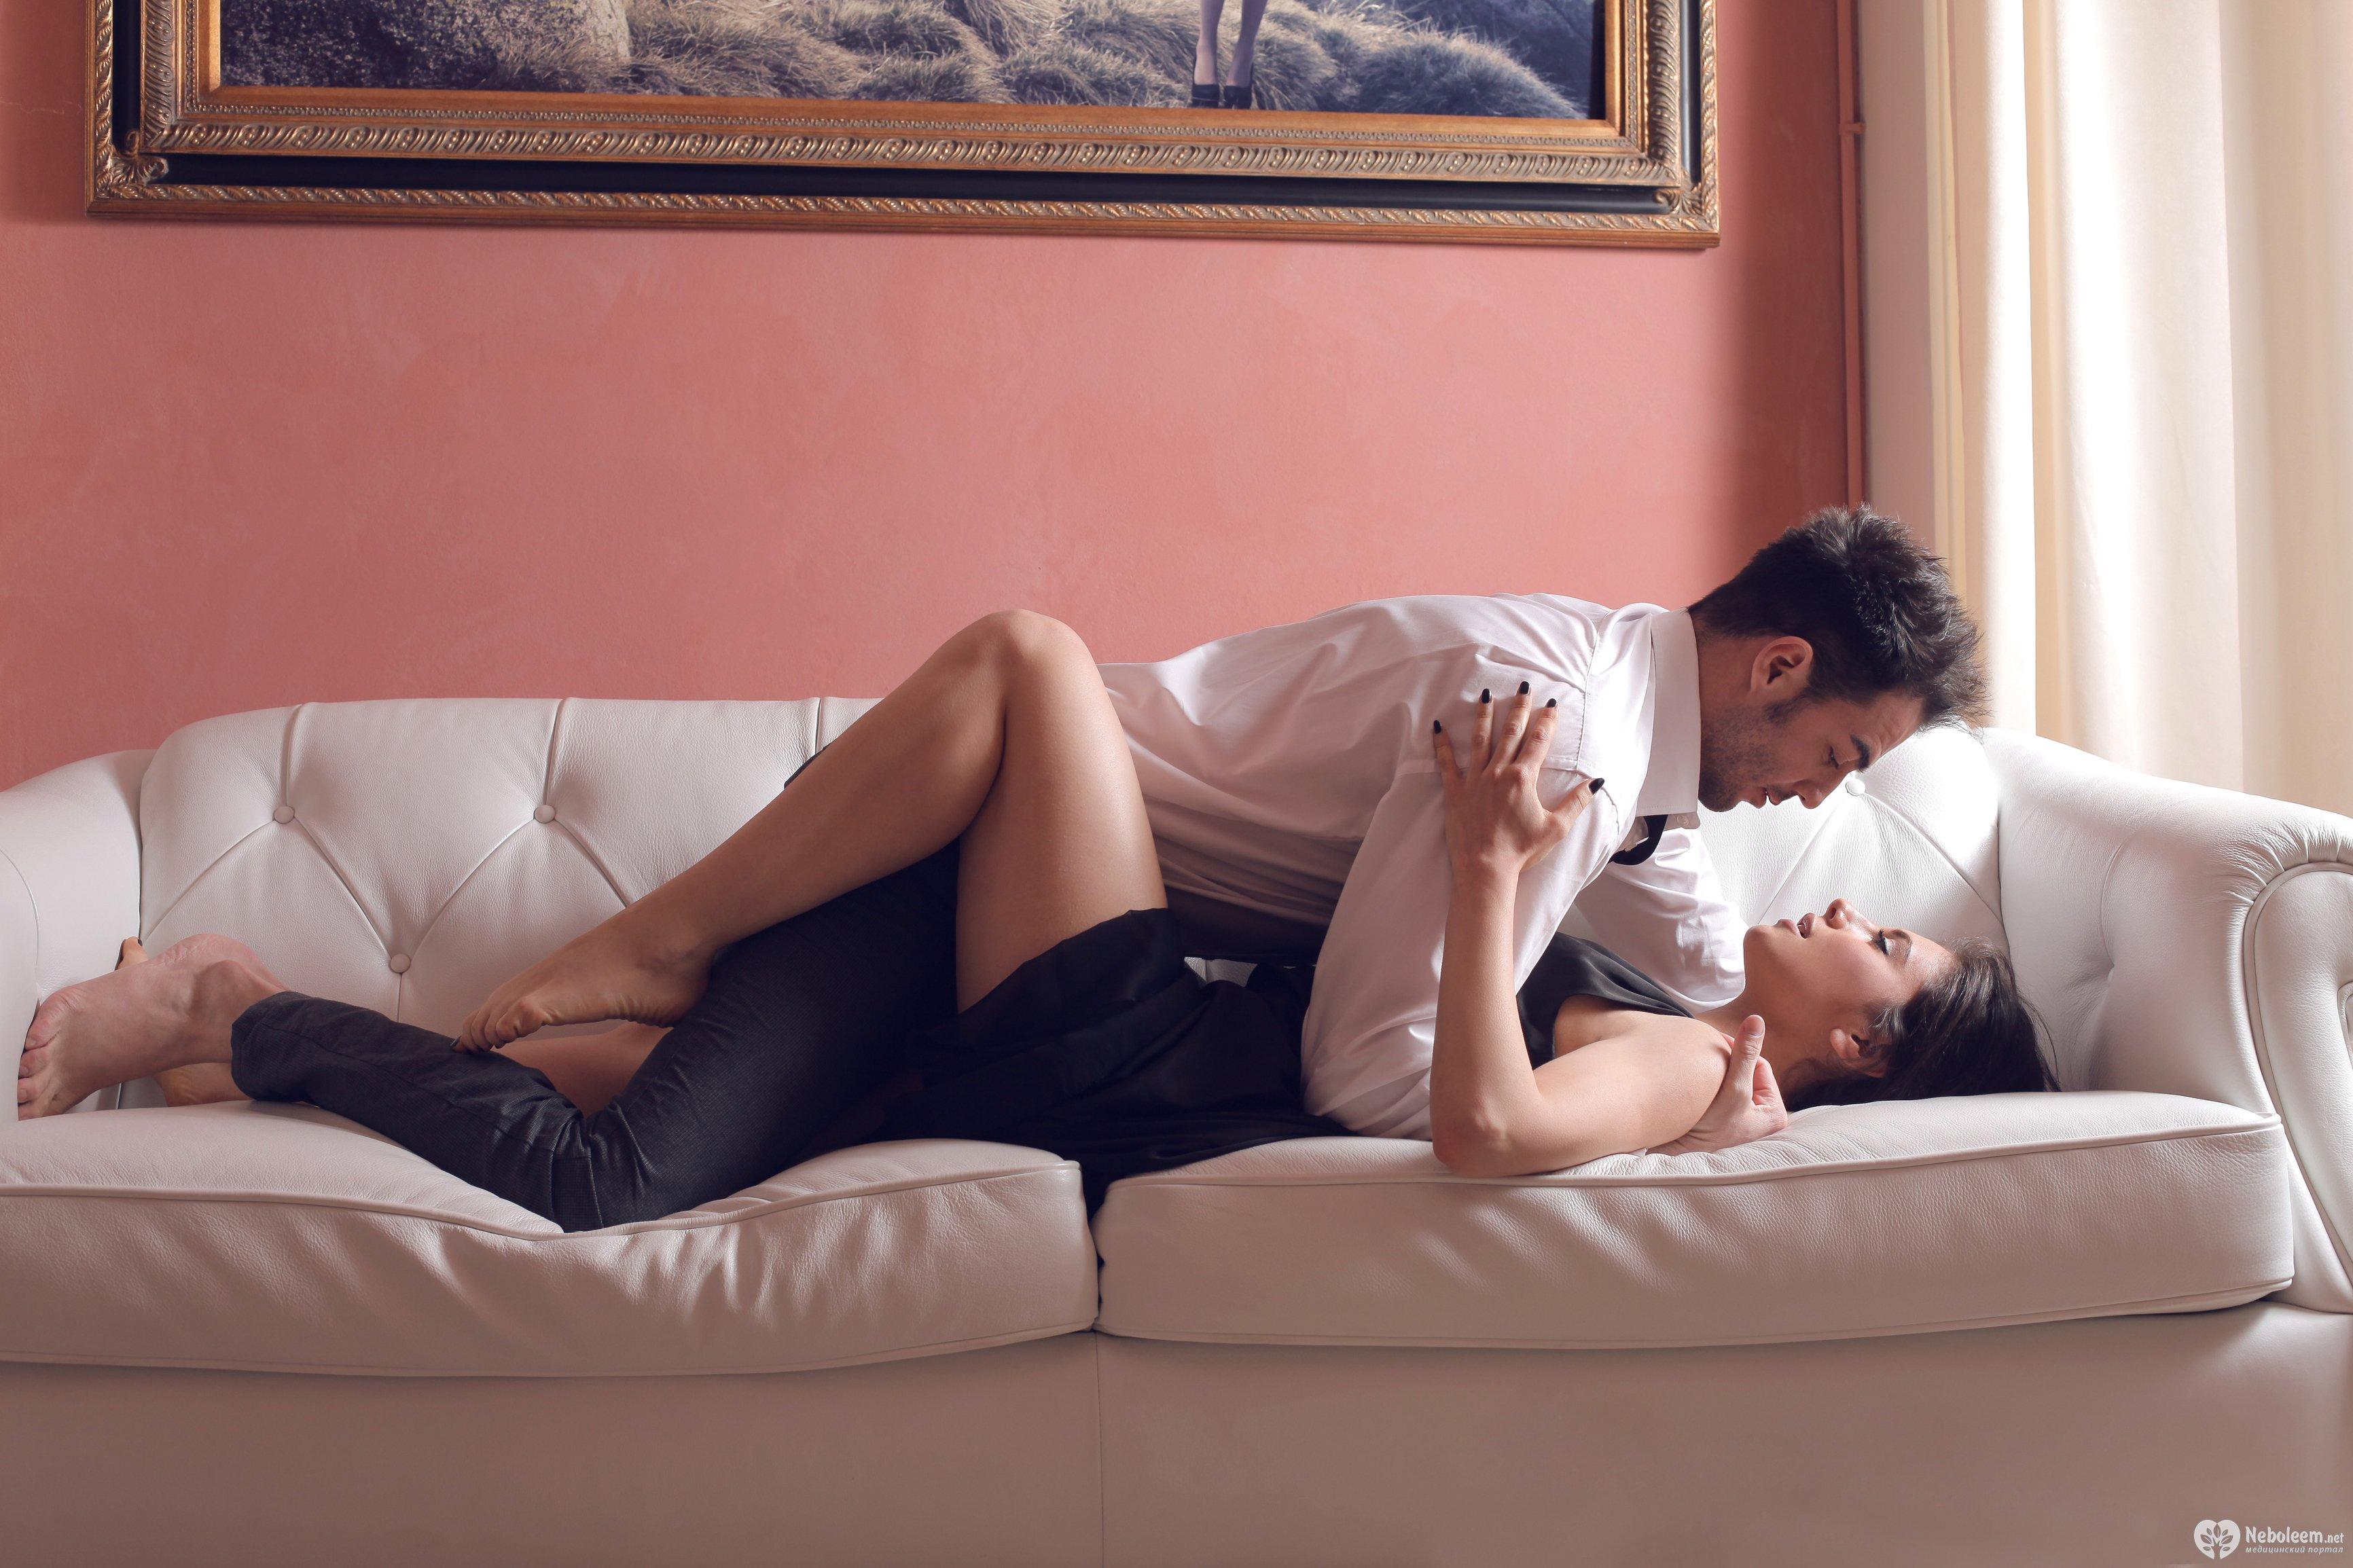 Смотреть бесплатно онлайн как мужчина удовлетворяет женщину 24 фотография